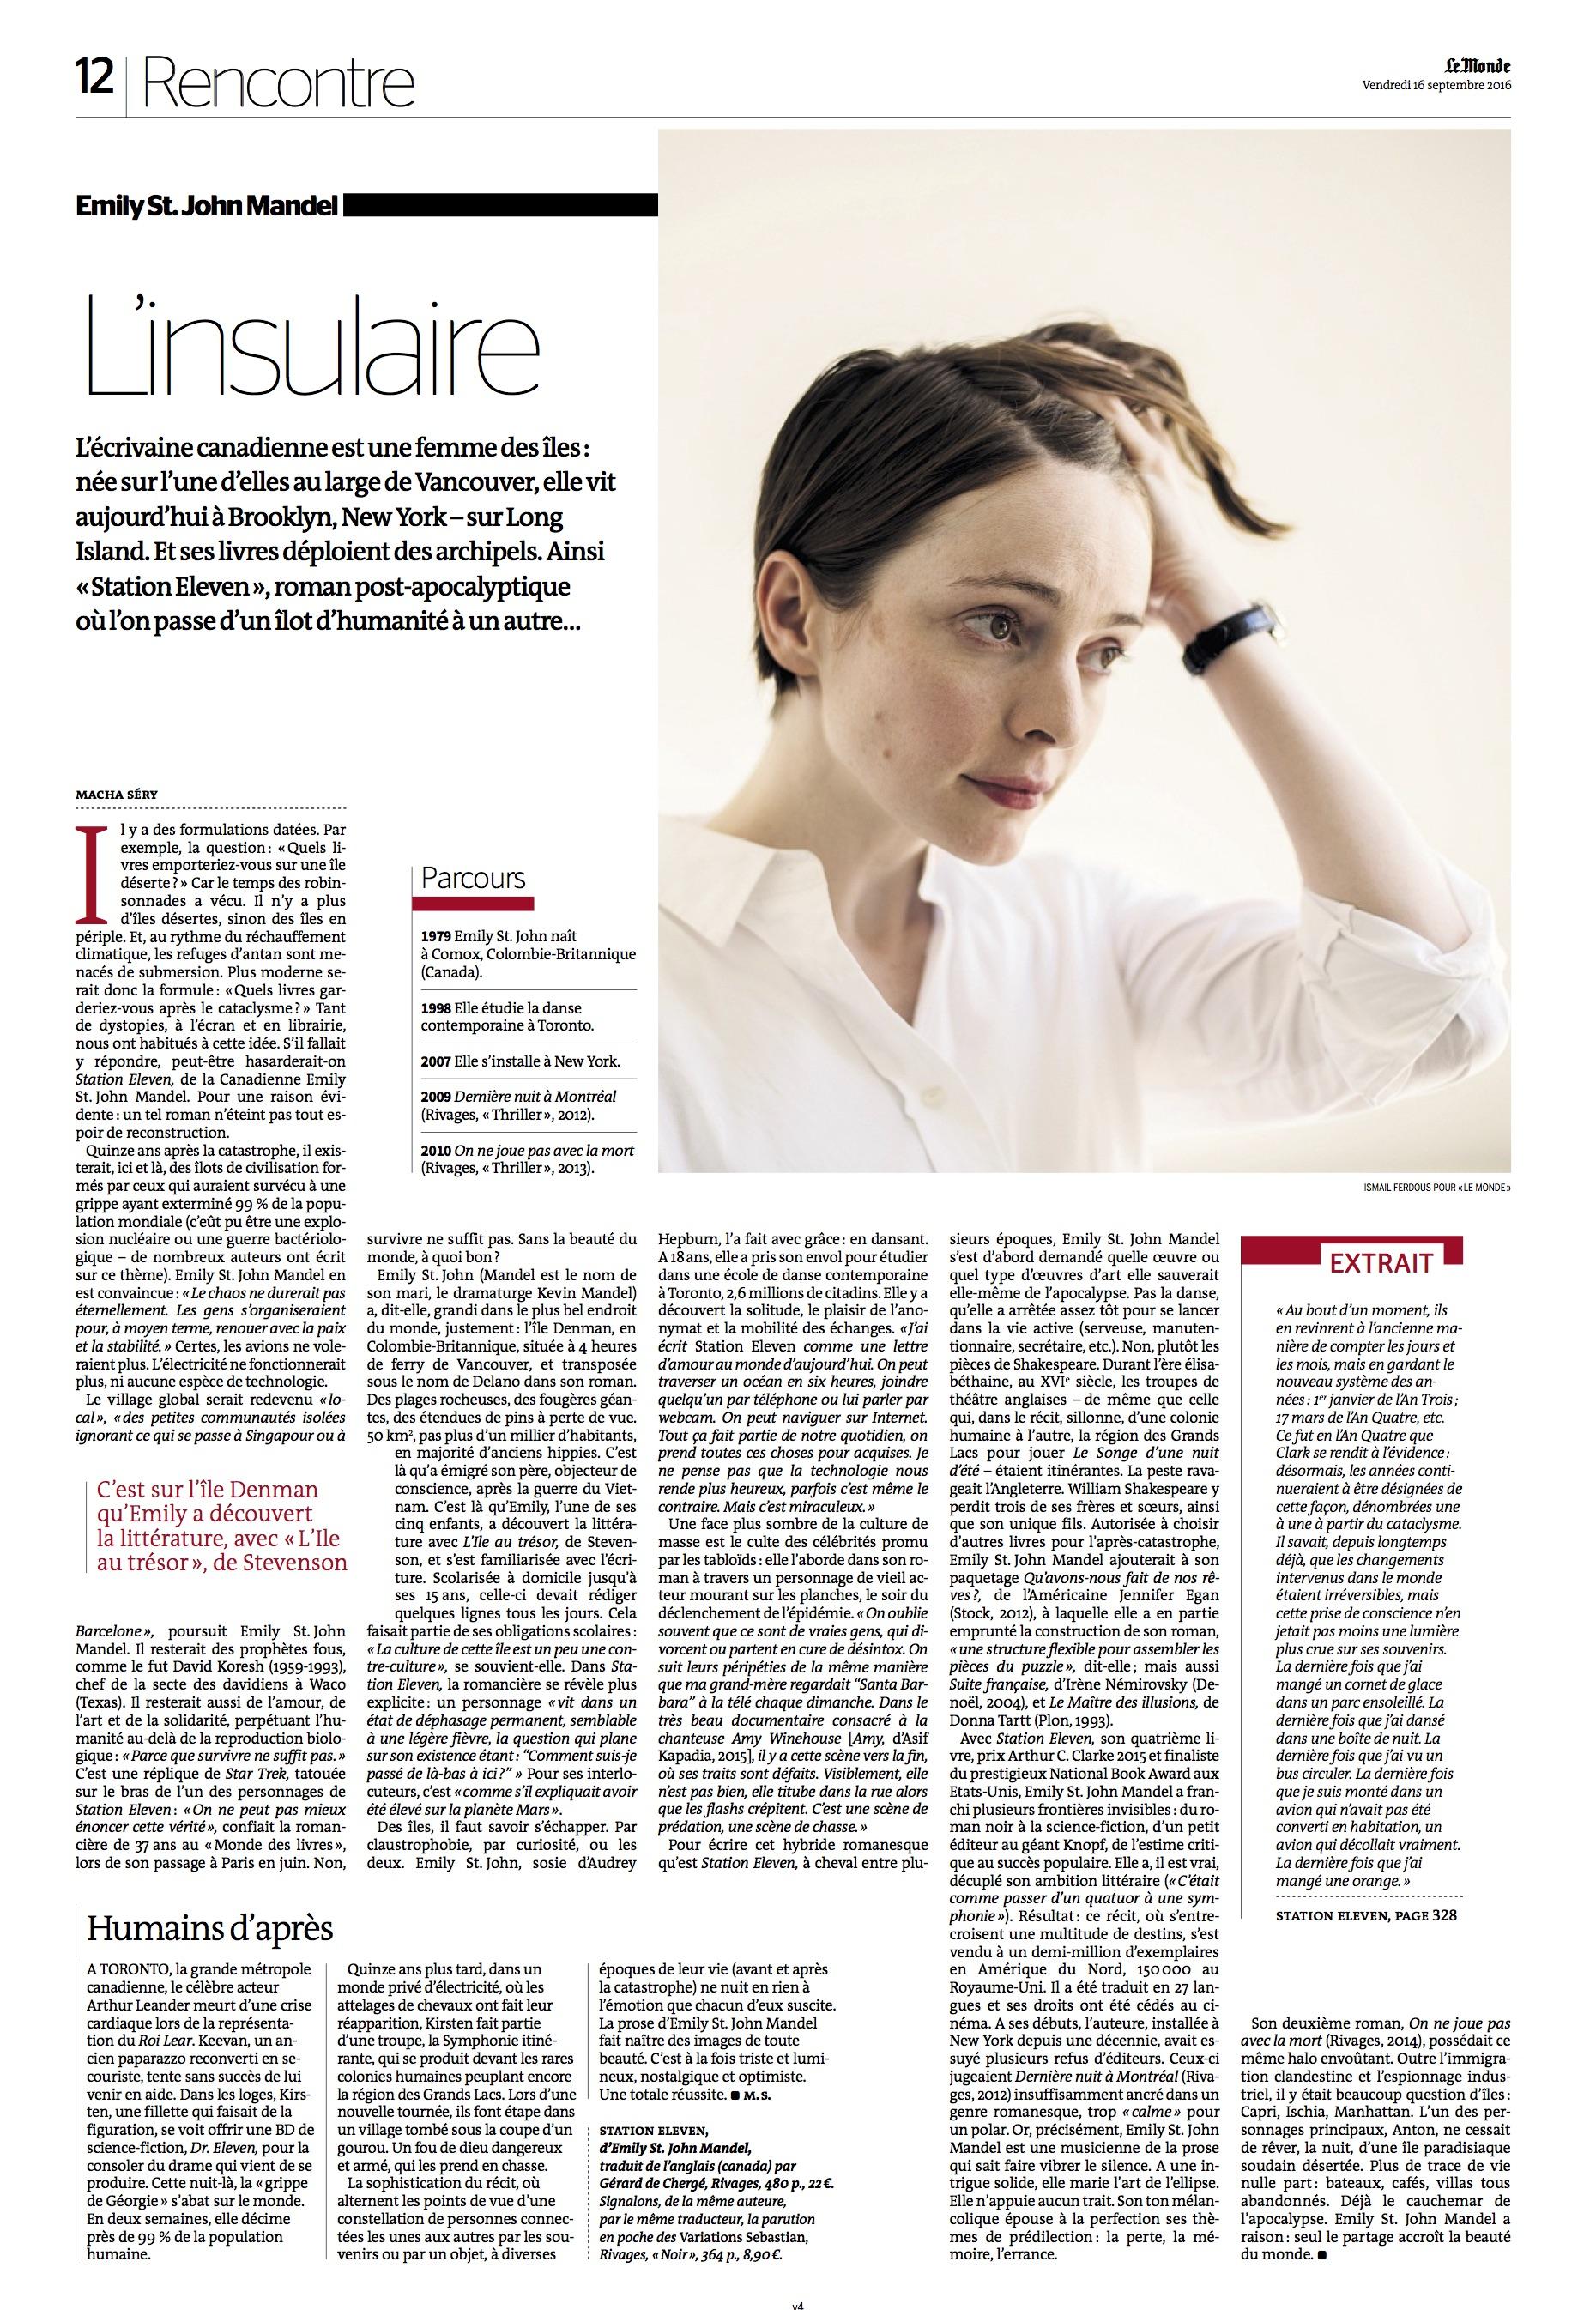 Emily St. John Mandel- Published in Le Monde